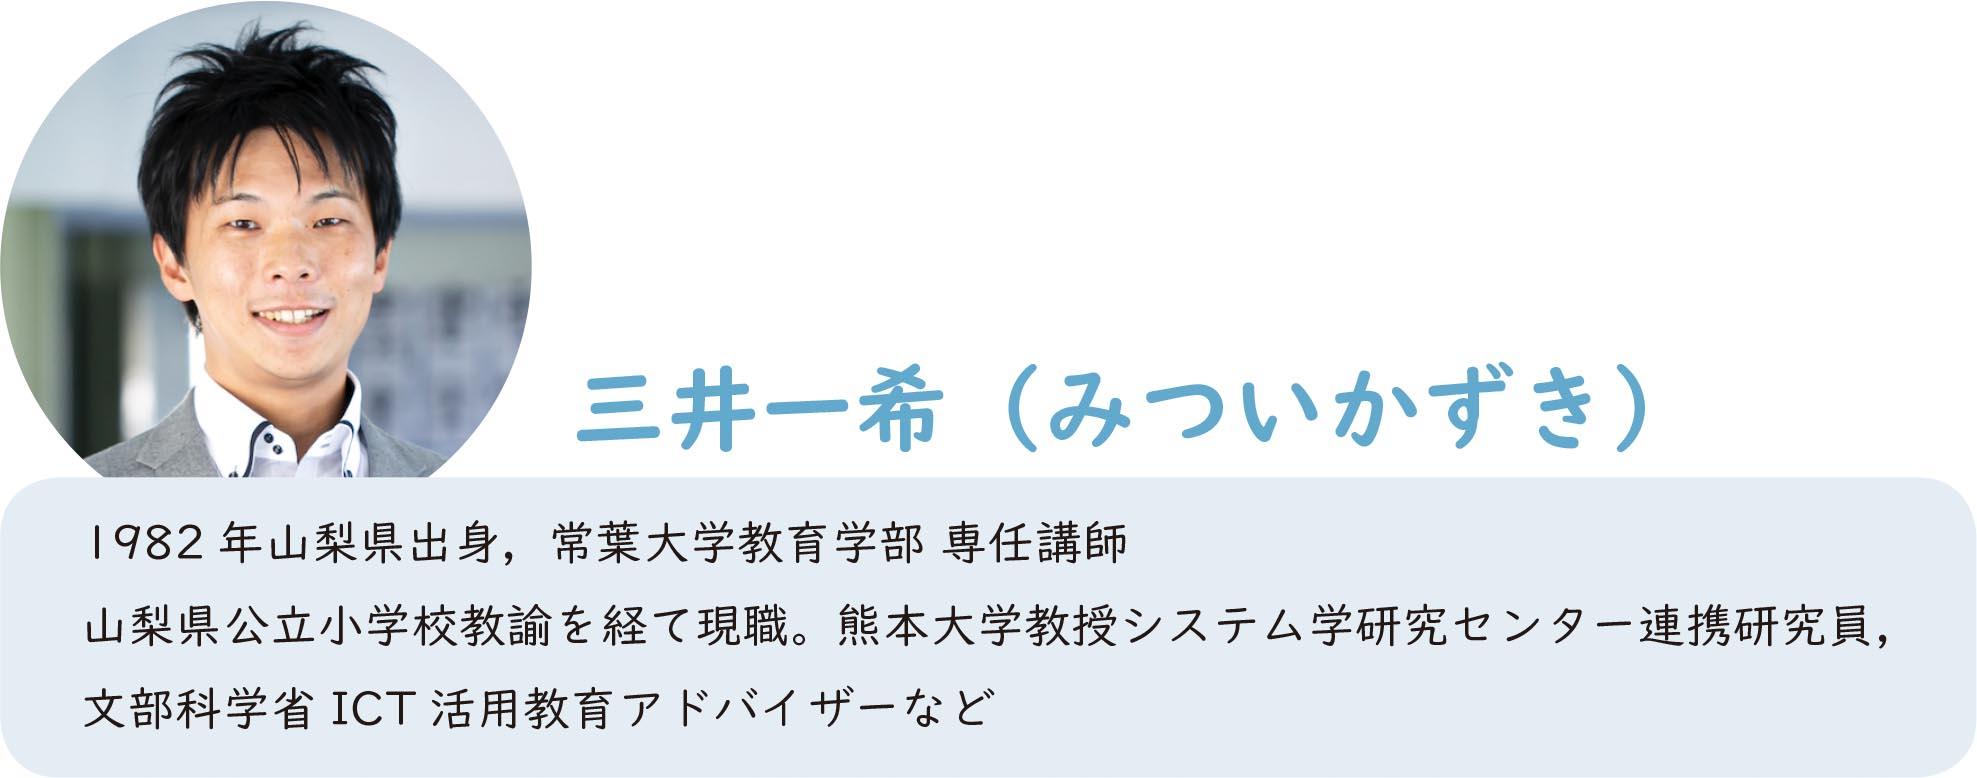 三井一希先生